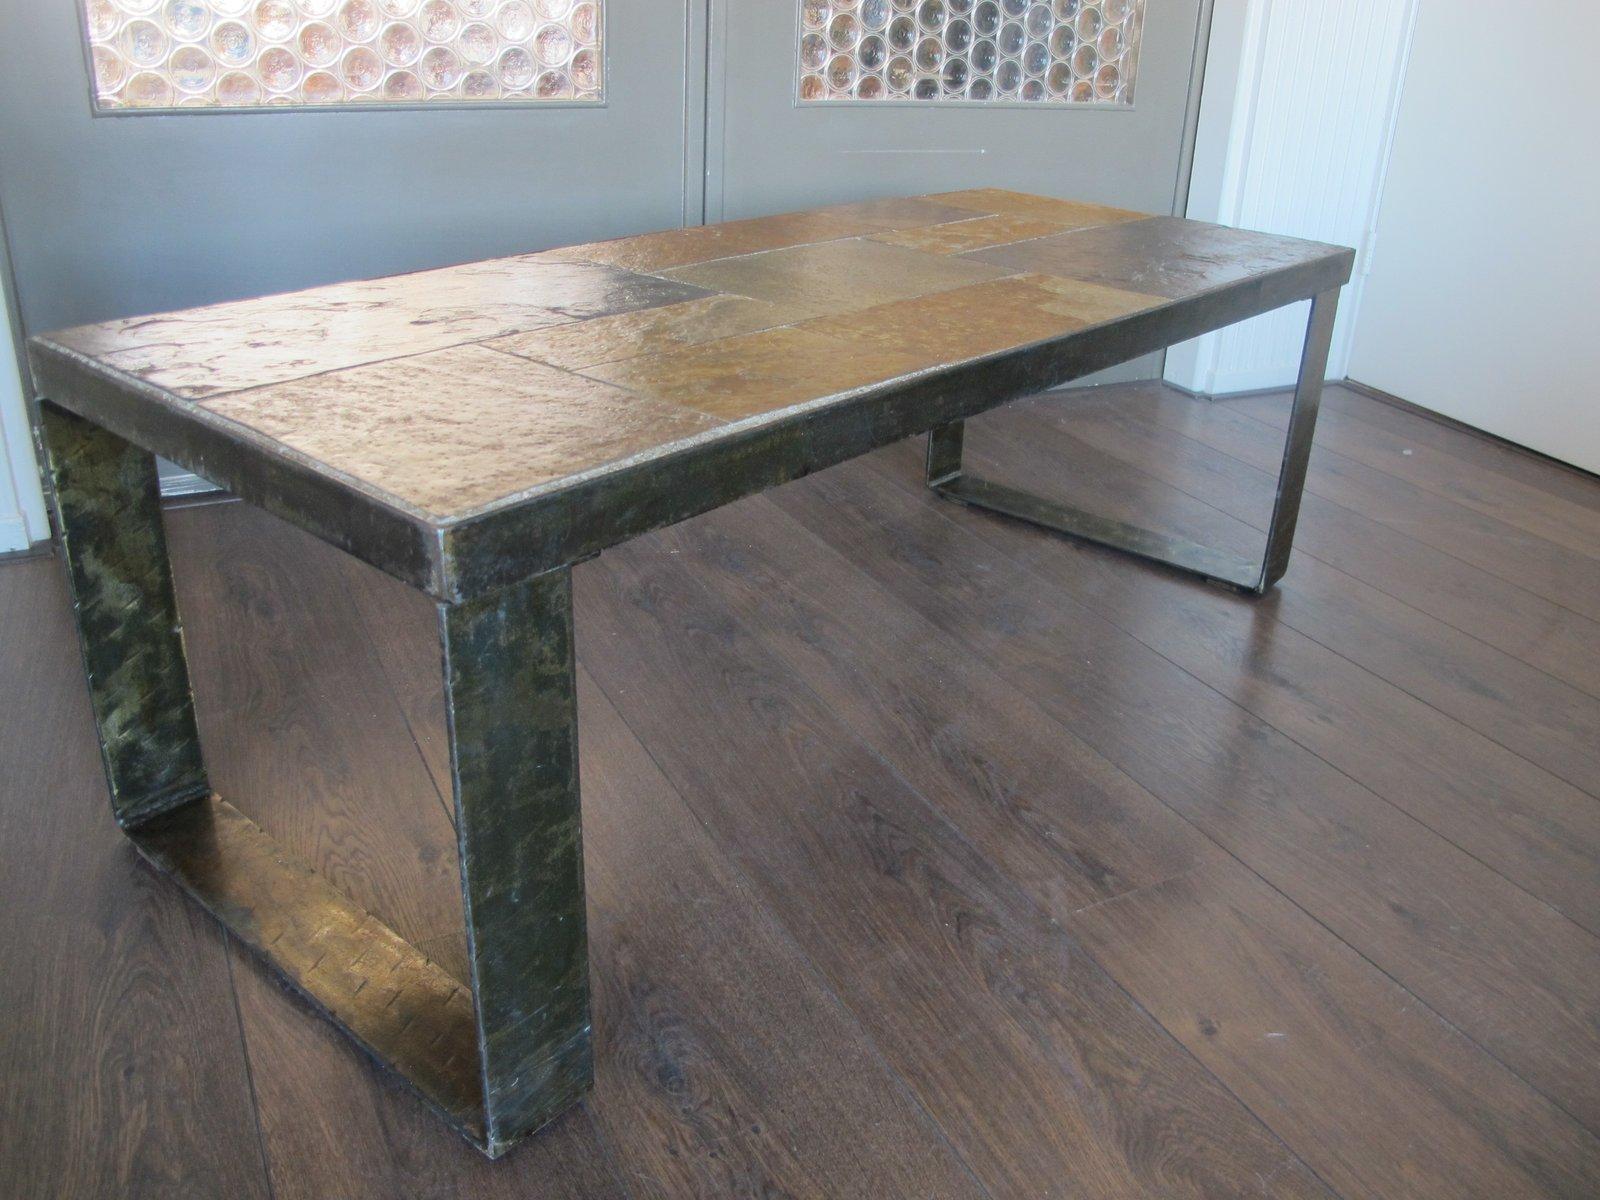 table basse brutaliste 1960 39 s en vente sur pamono. Black Bedroom Furniture Sets. Home Design Ideas